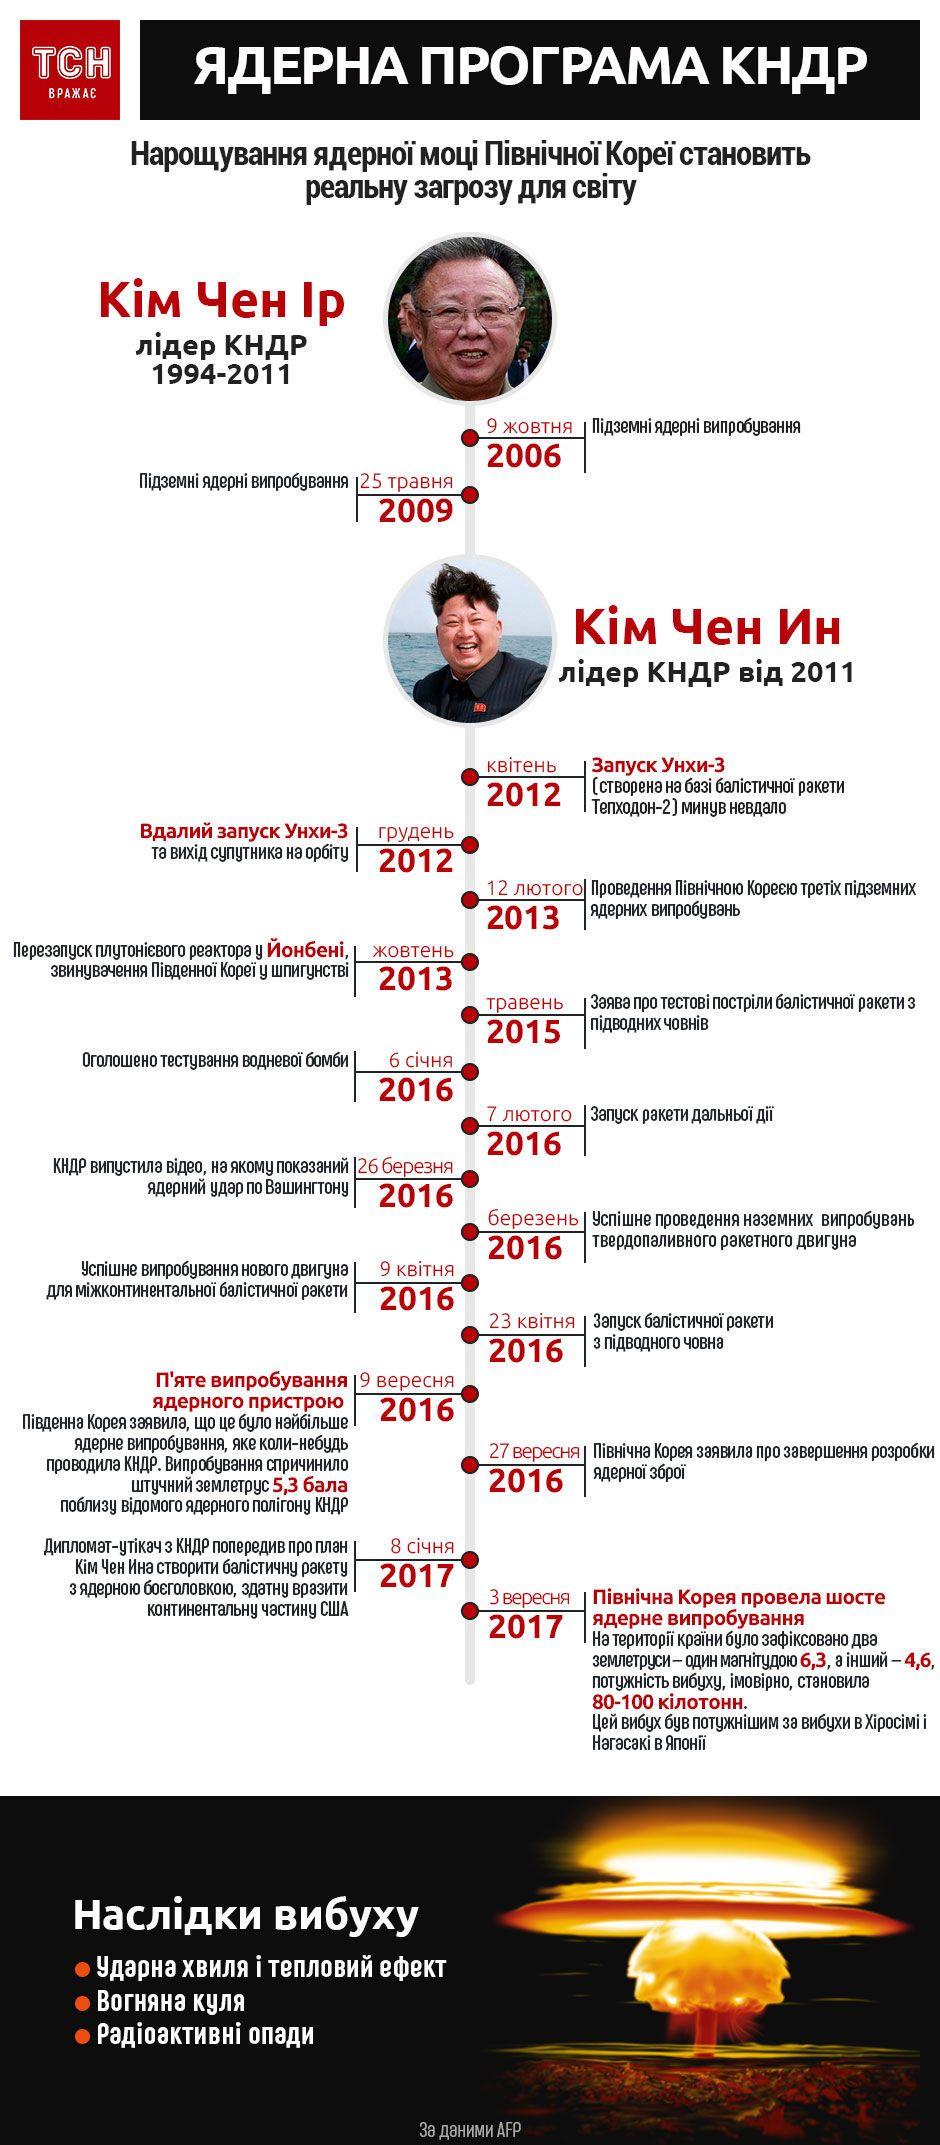 Ядерна програма КНДР, інфографіка